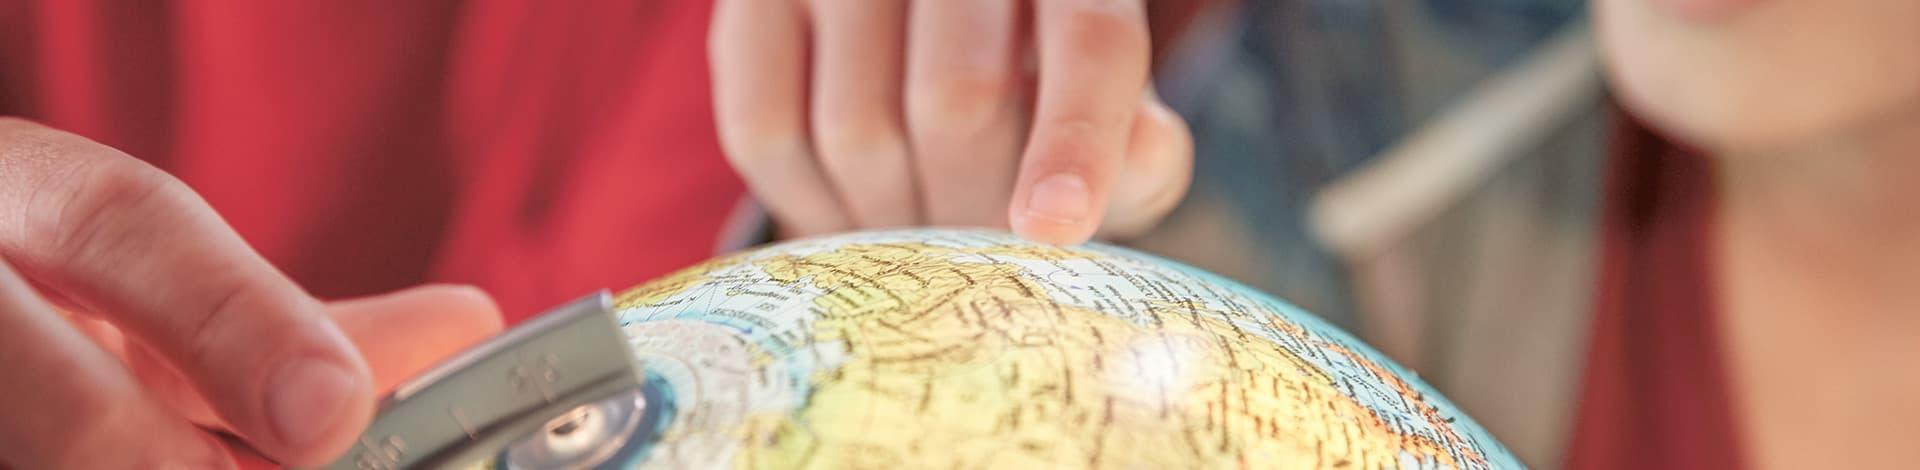 Place à l'évasion: profitez de votre voyage l'esprit libre